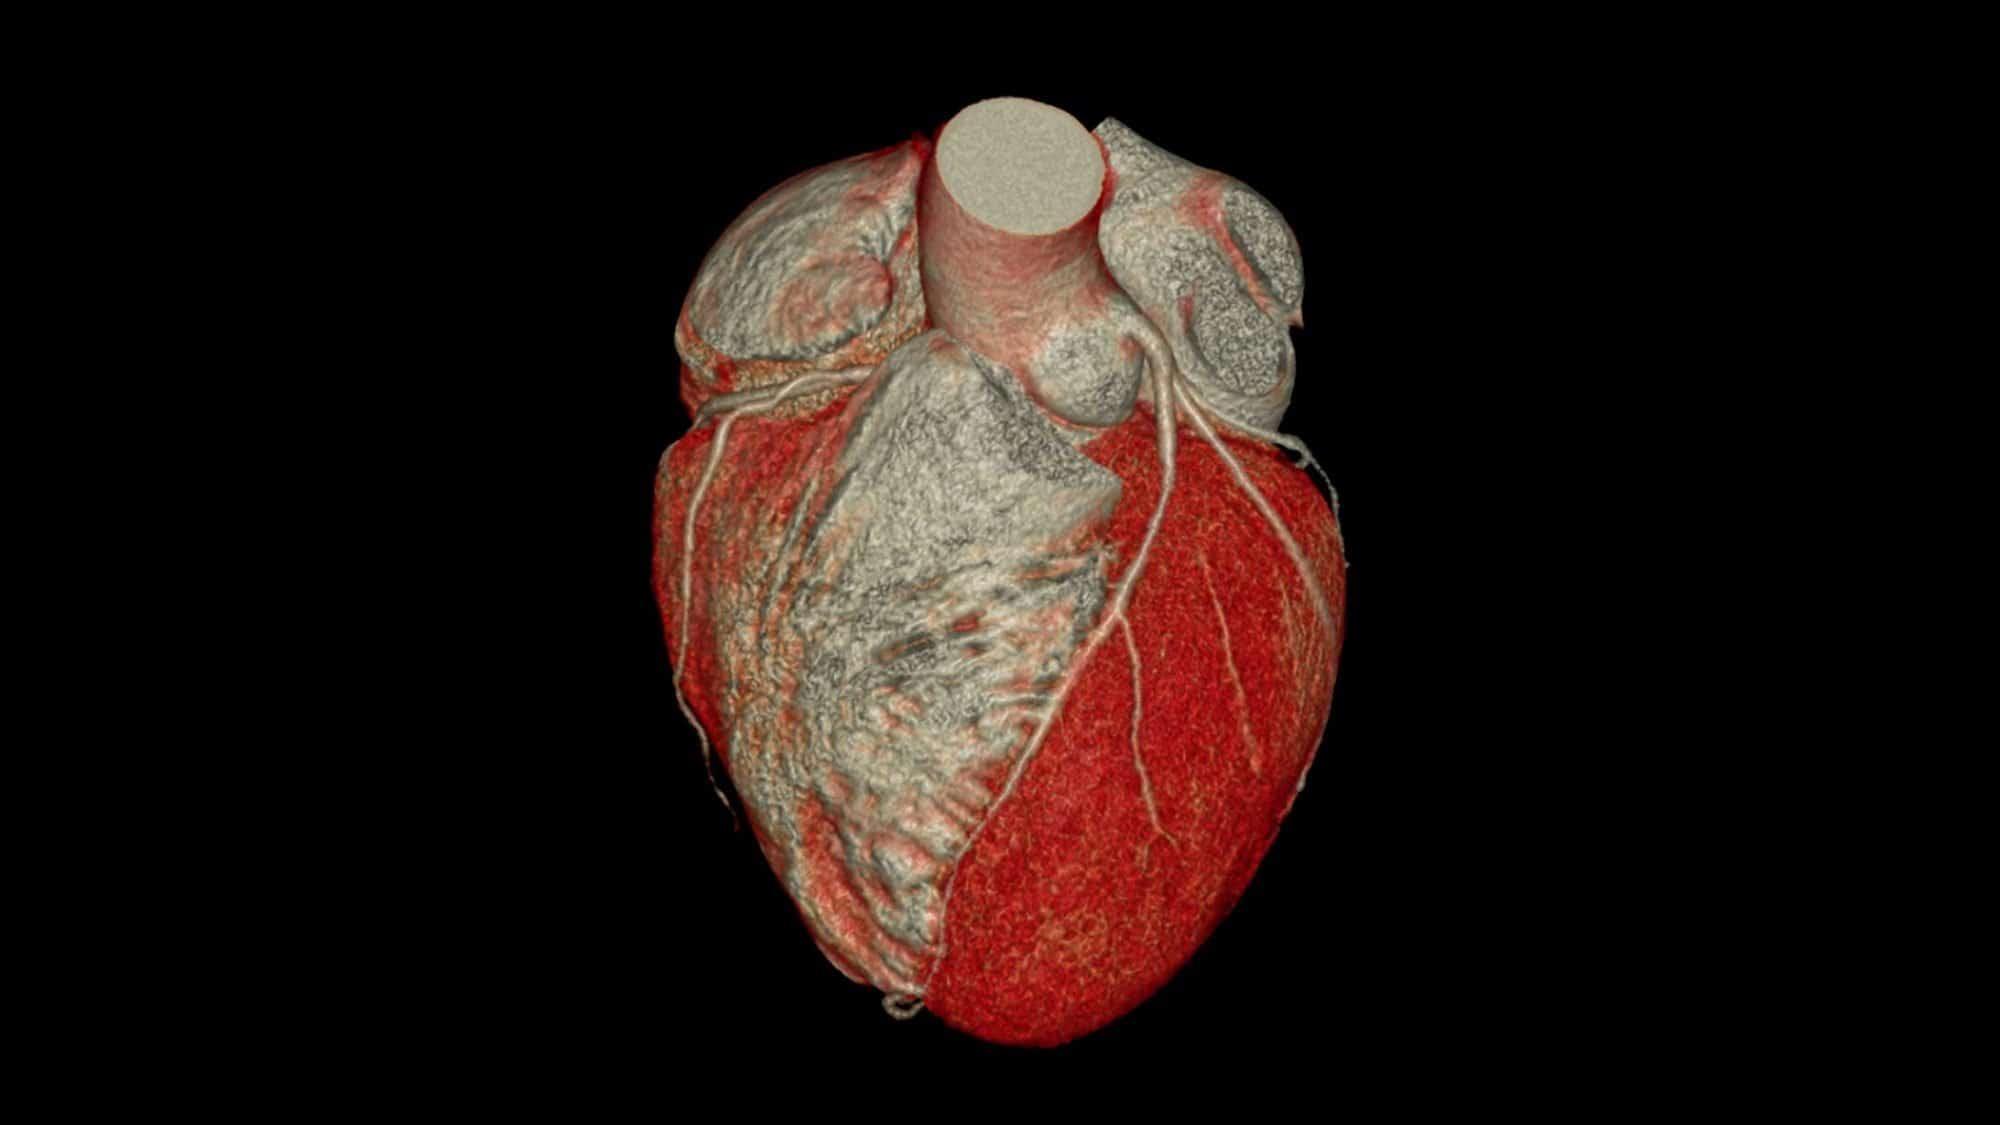 Radiologie: Bild eines 3-D Herz in der Computertomographie